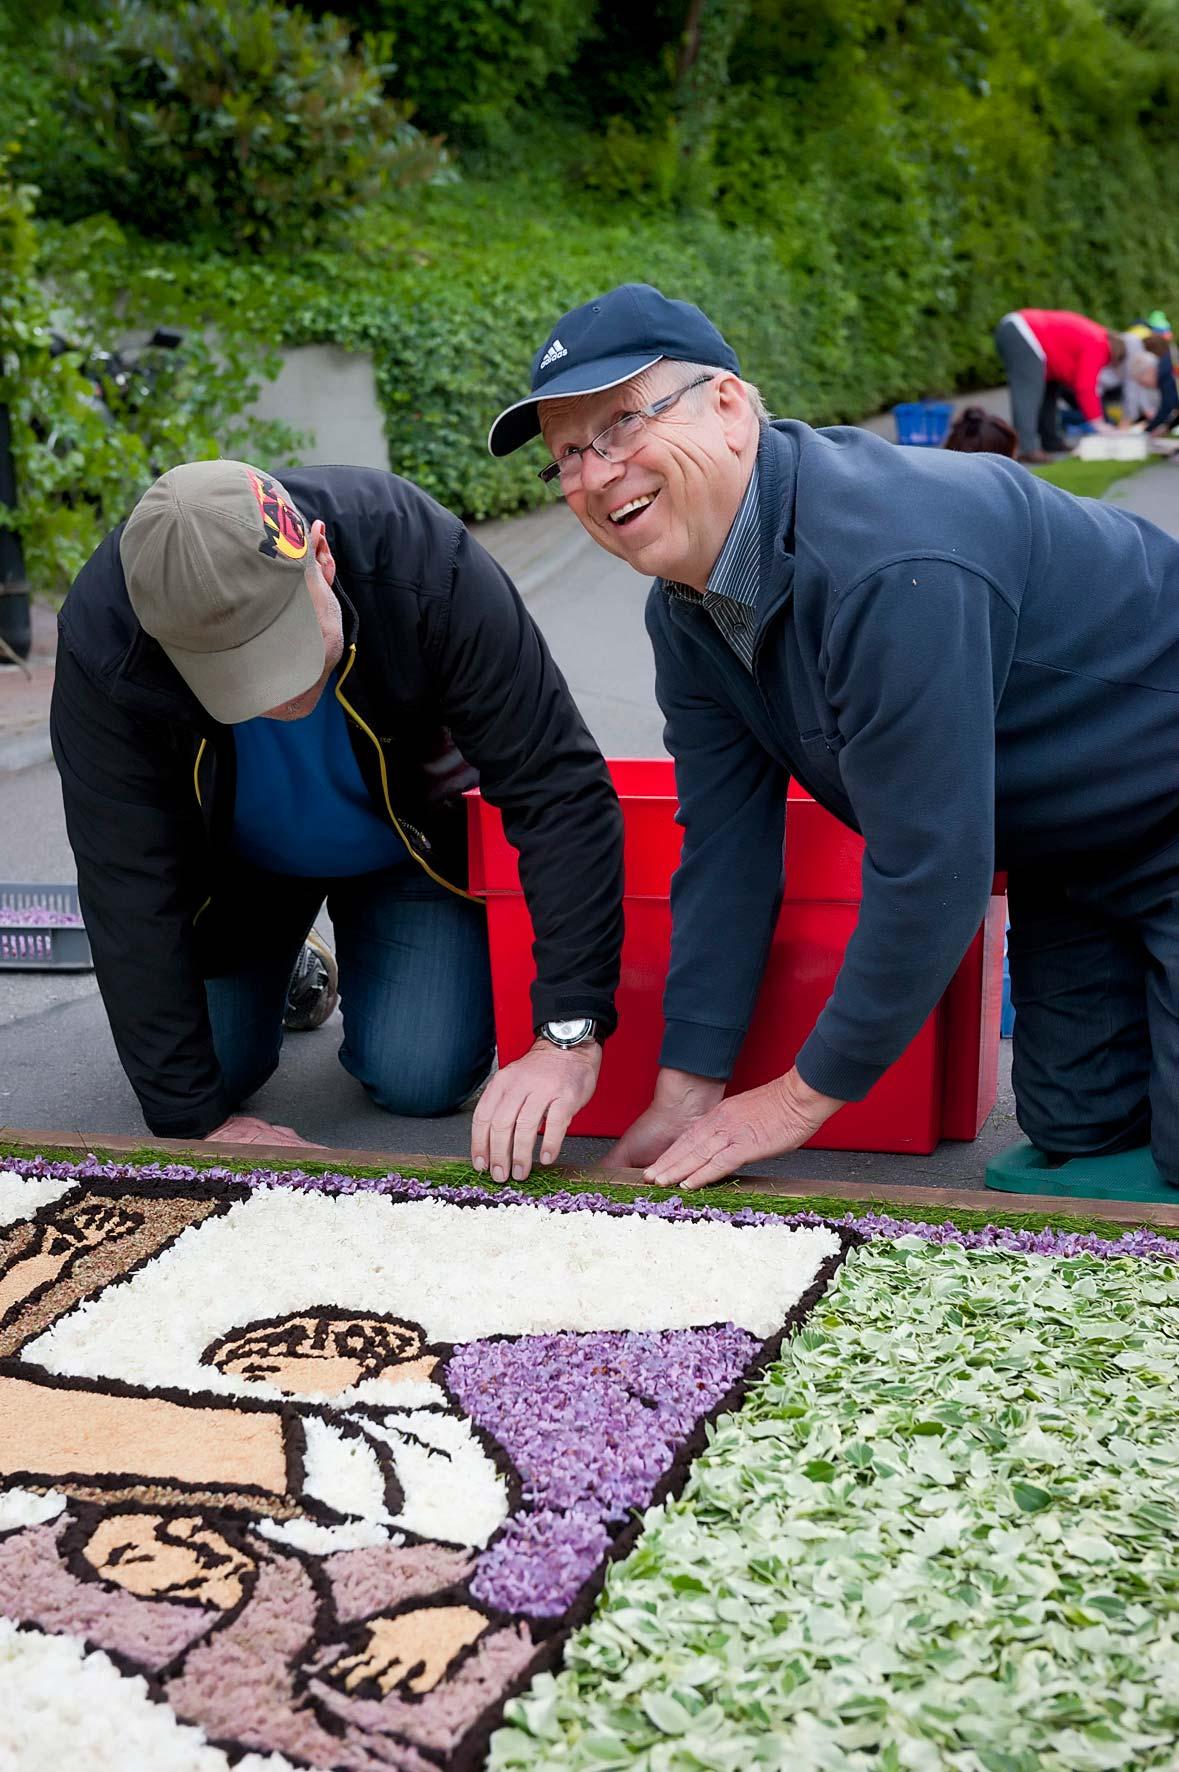 Zwei Männer prüfen mit letzten Handgriffen den Blumenteppich